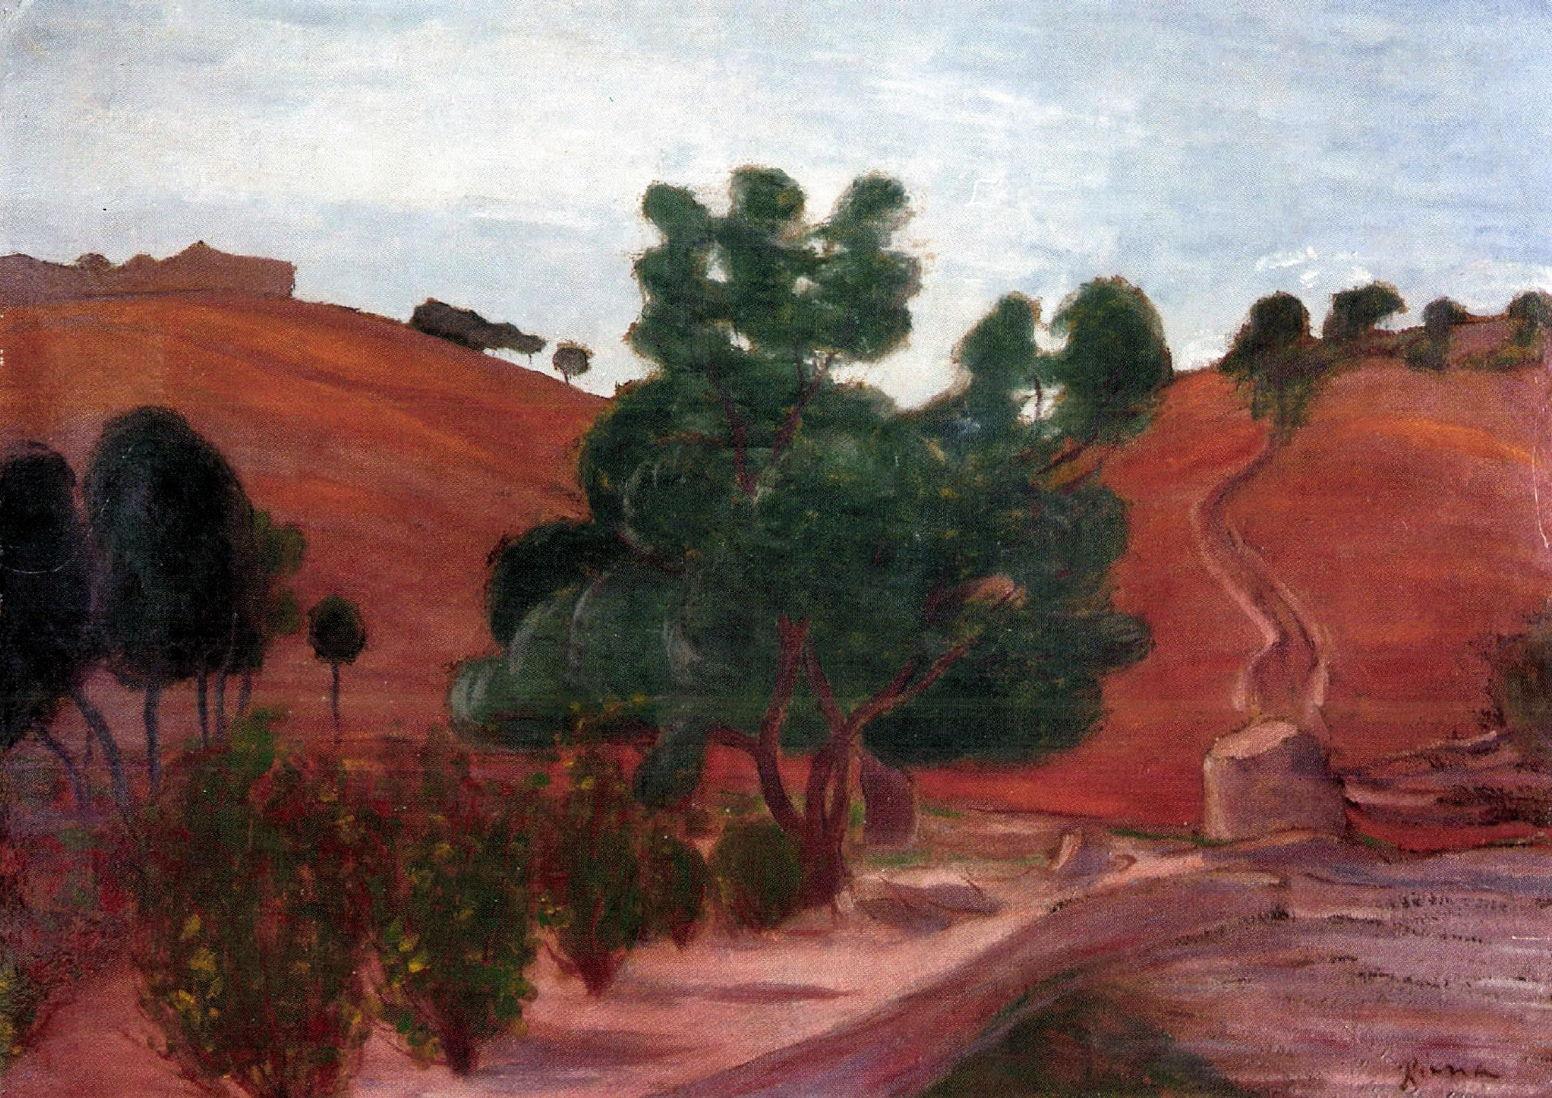 József Rippl-Rónai 2: Father Of Modern Hungarian Painting